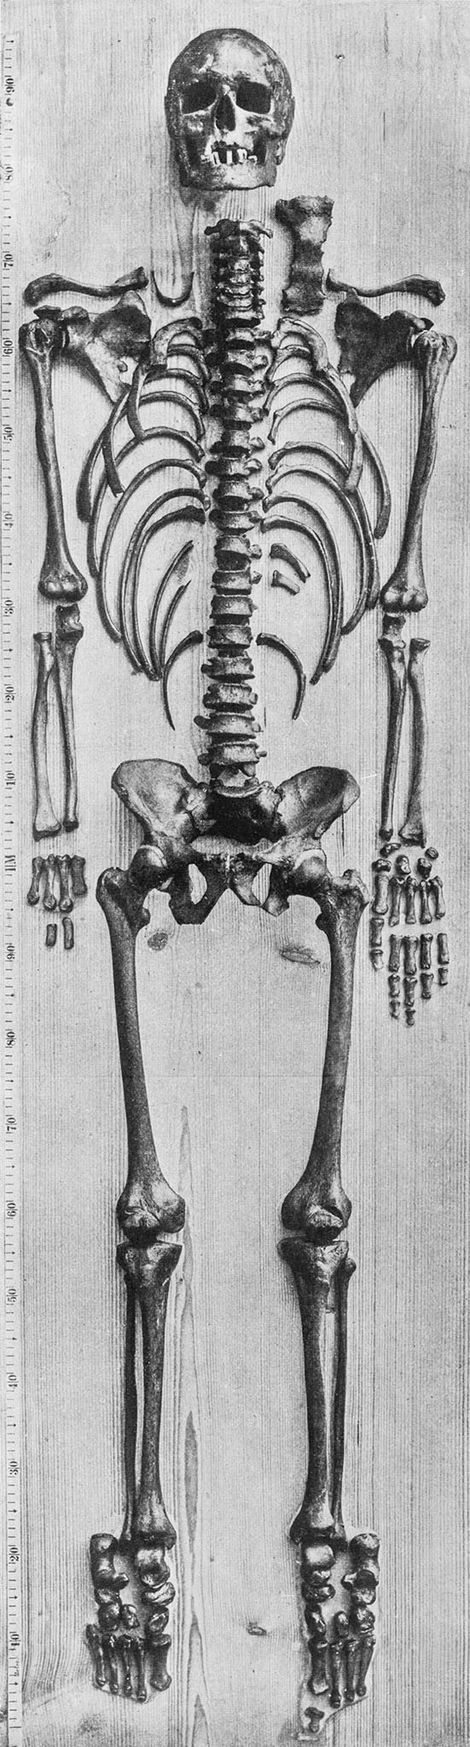 O que se acredita ser o esqueleto de Bach, fotografado em 1895 pelo anatomista Wilhelm His. Andreas Otte examinou a mão esquerda, já que faltam muitos ossos na mão direita.